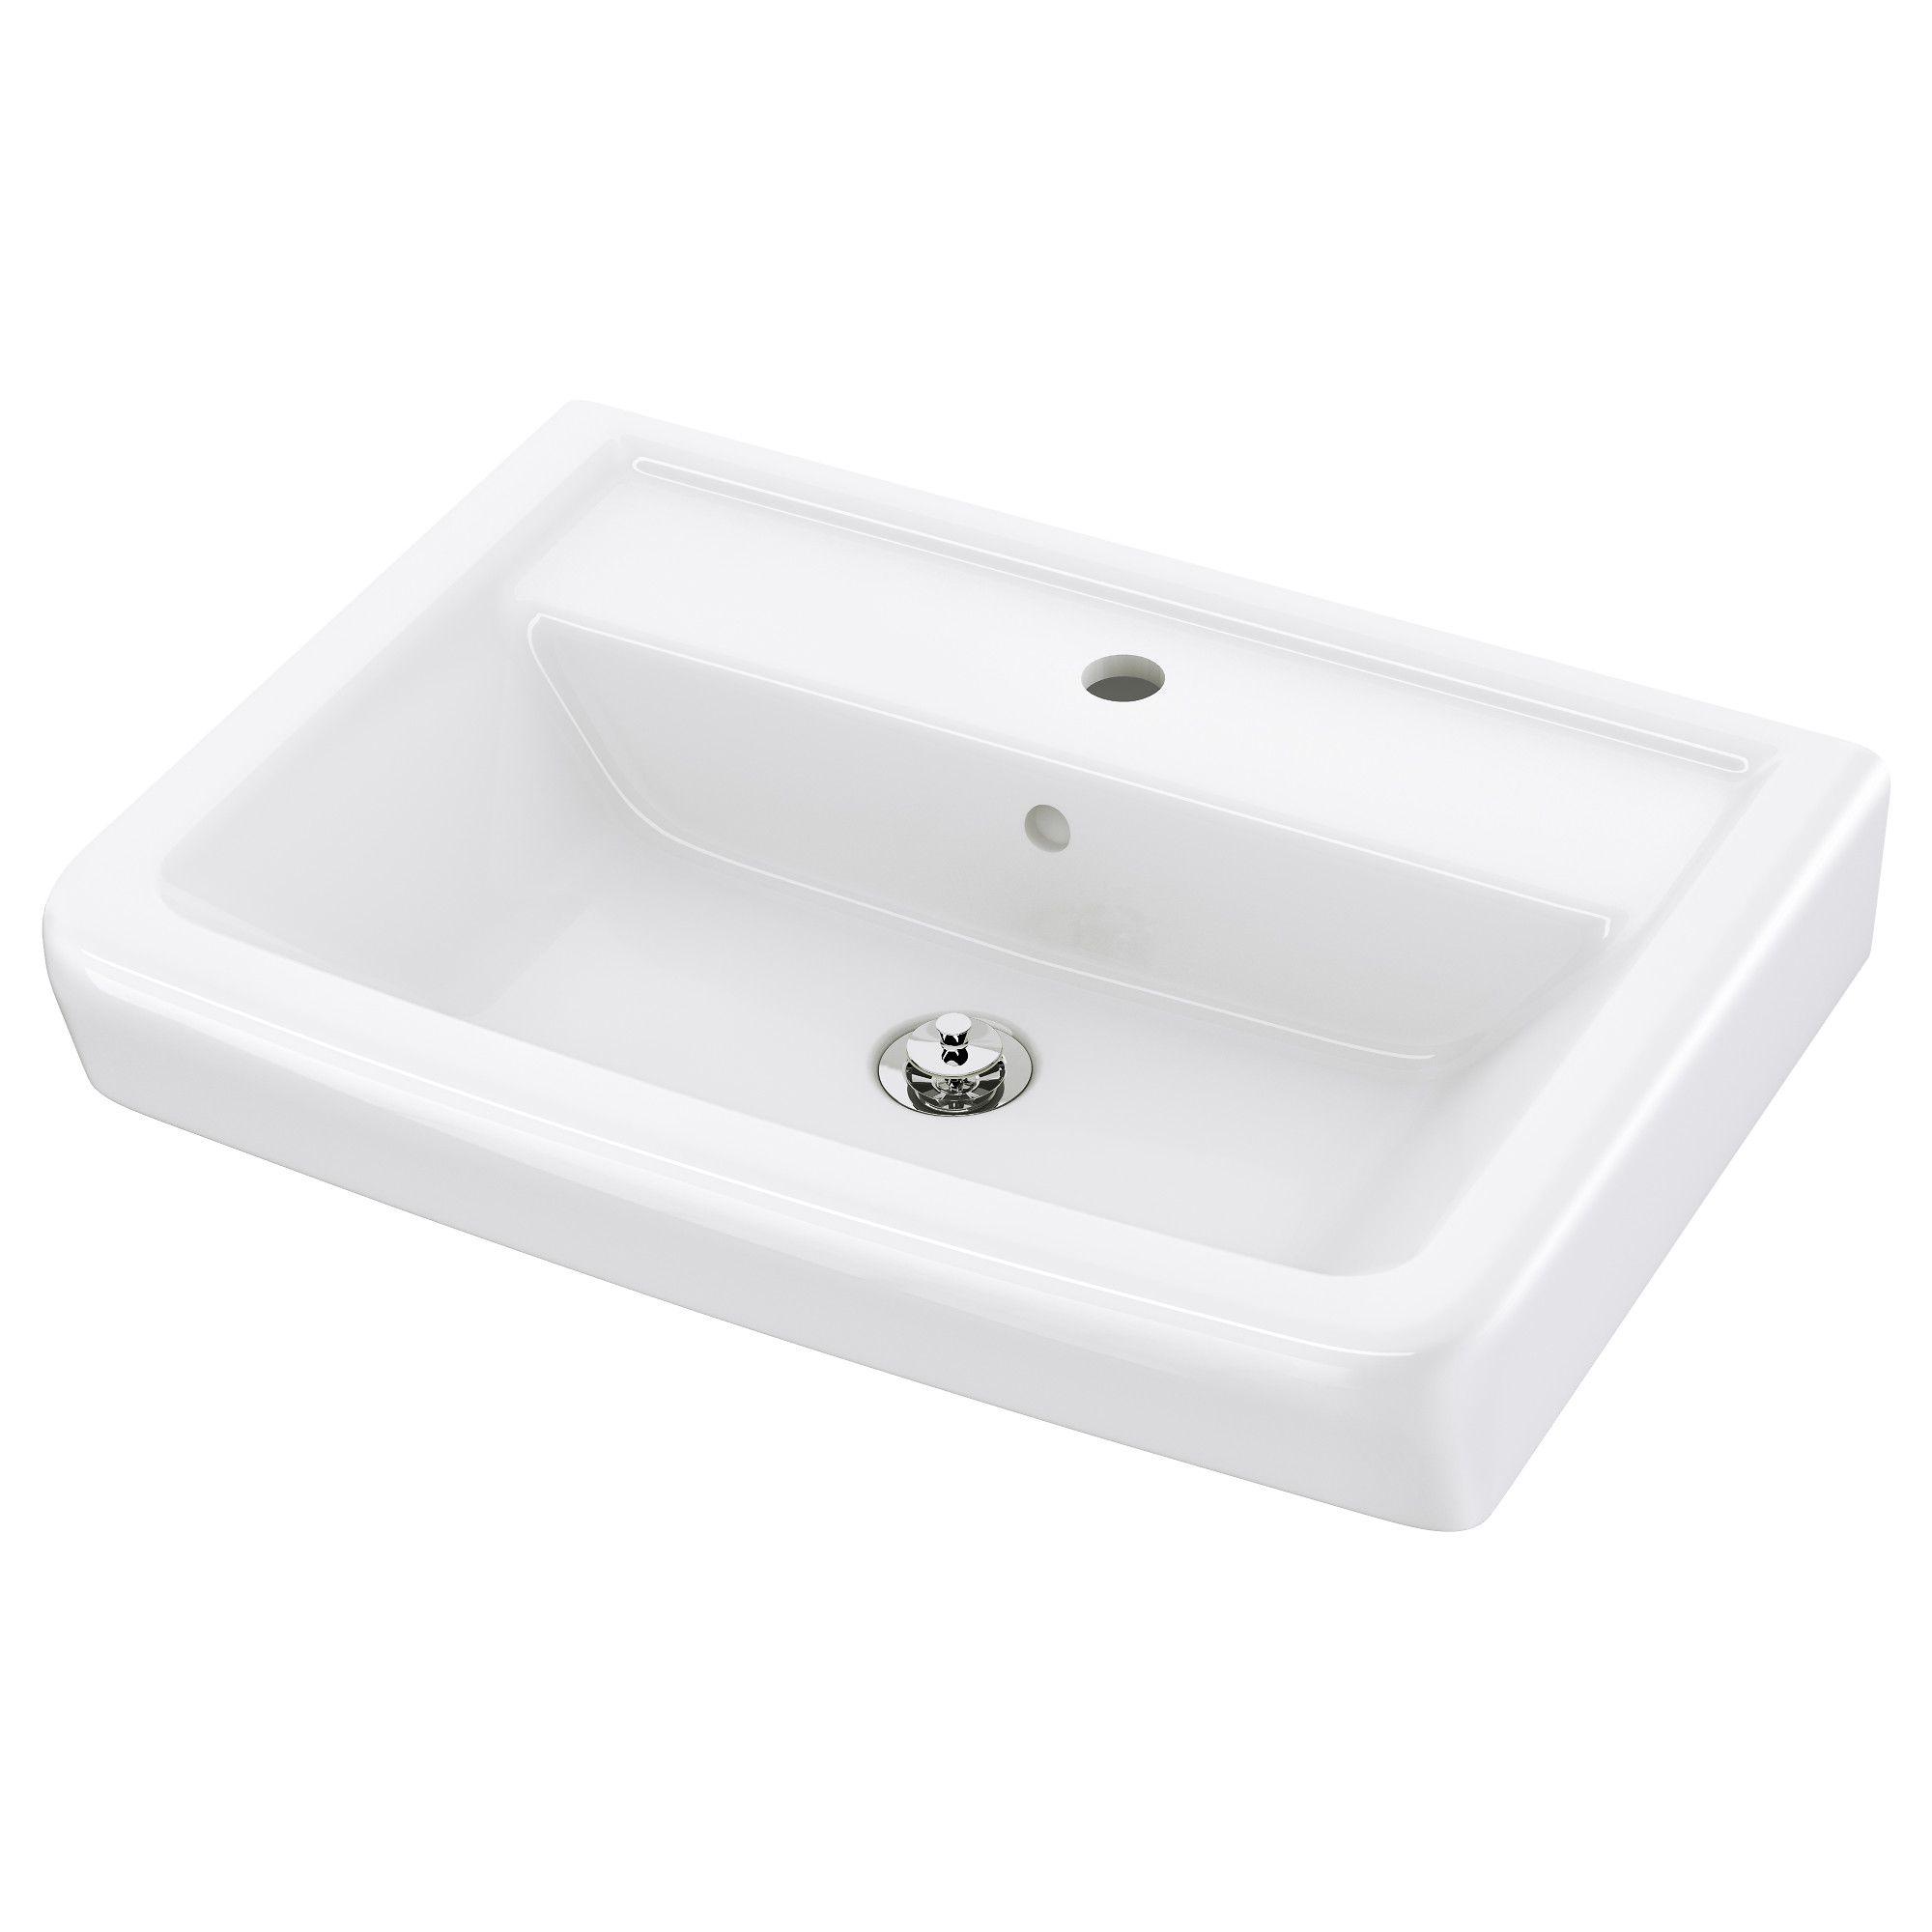 Hamnviken Waschbecken 1 Waschbecken Ikea Waschbecken Und